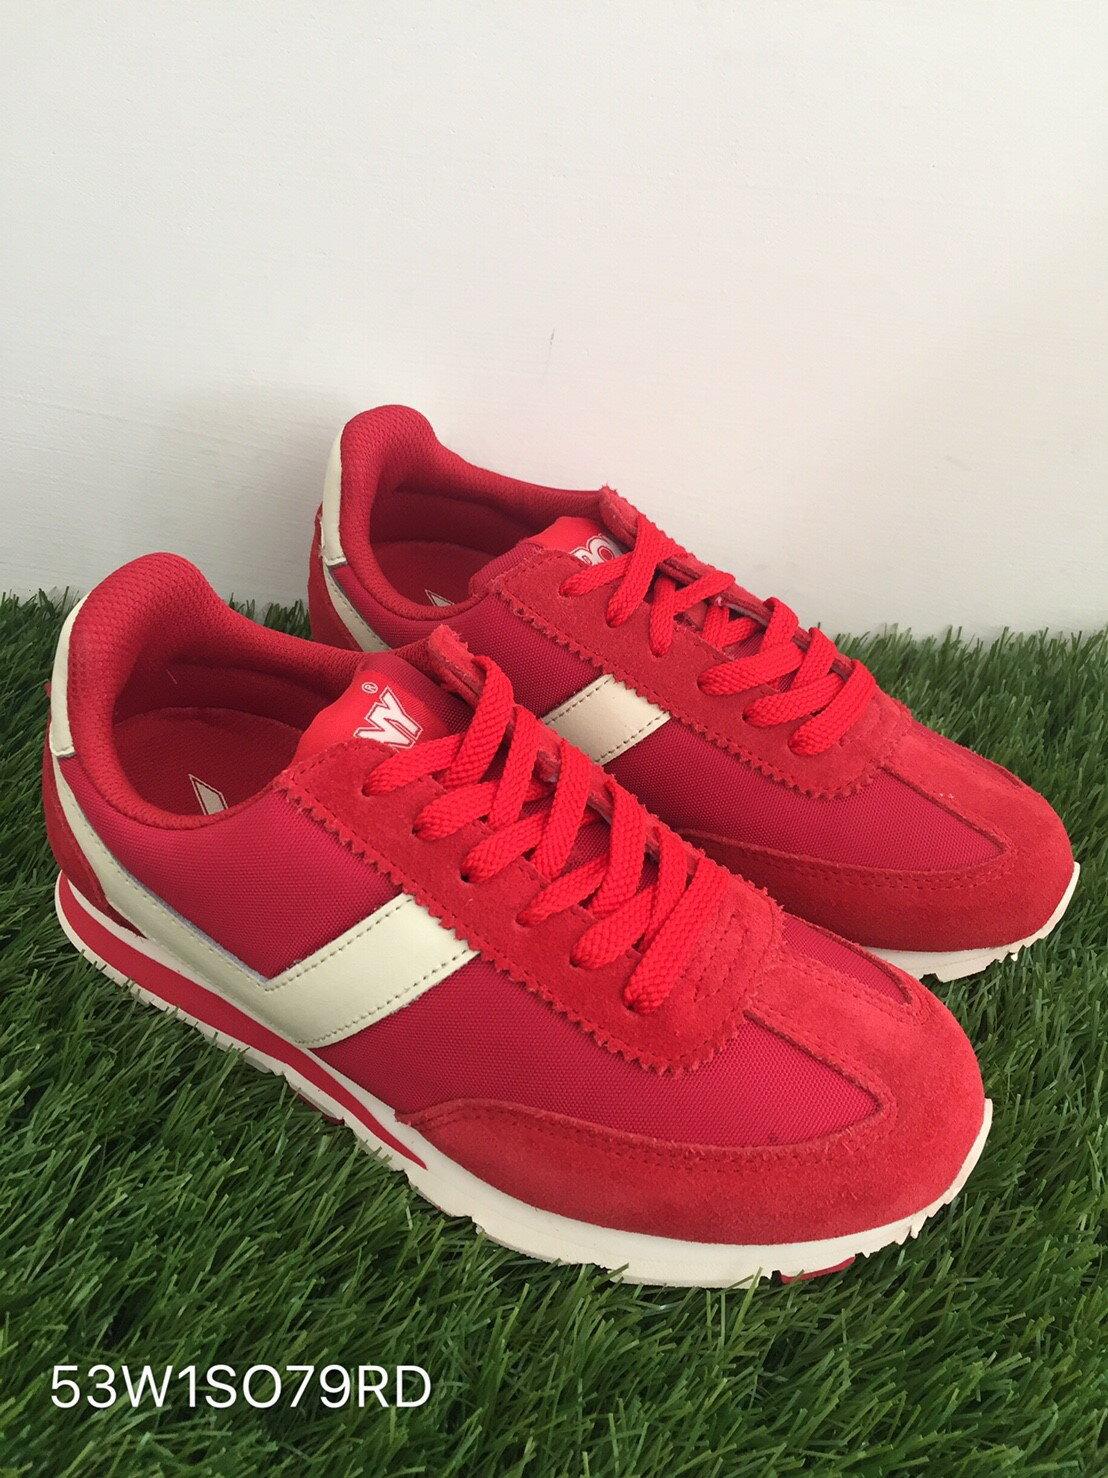 ★限時特價990元★ Shoestw【53W1SO79RD】PONY 復古慢跑鞋 內增高 紅白色 女生 0